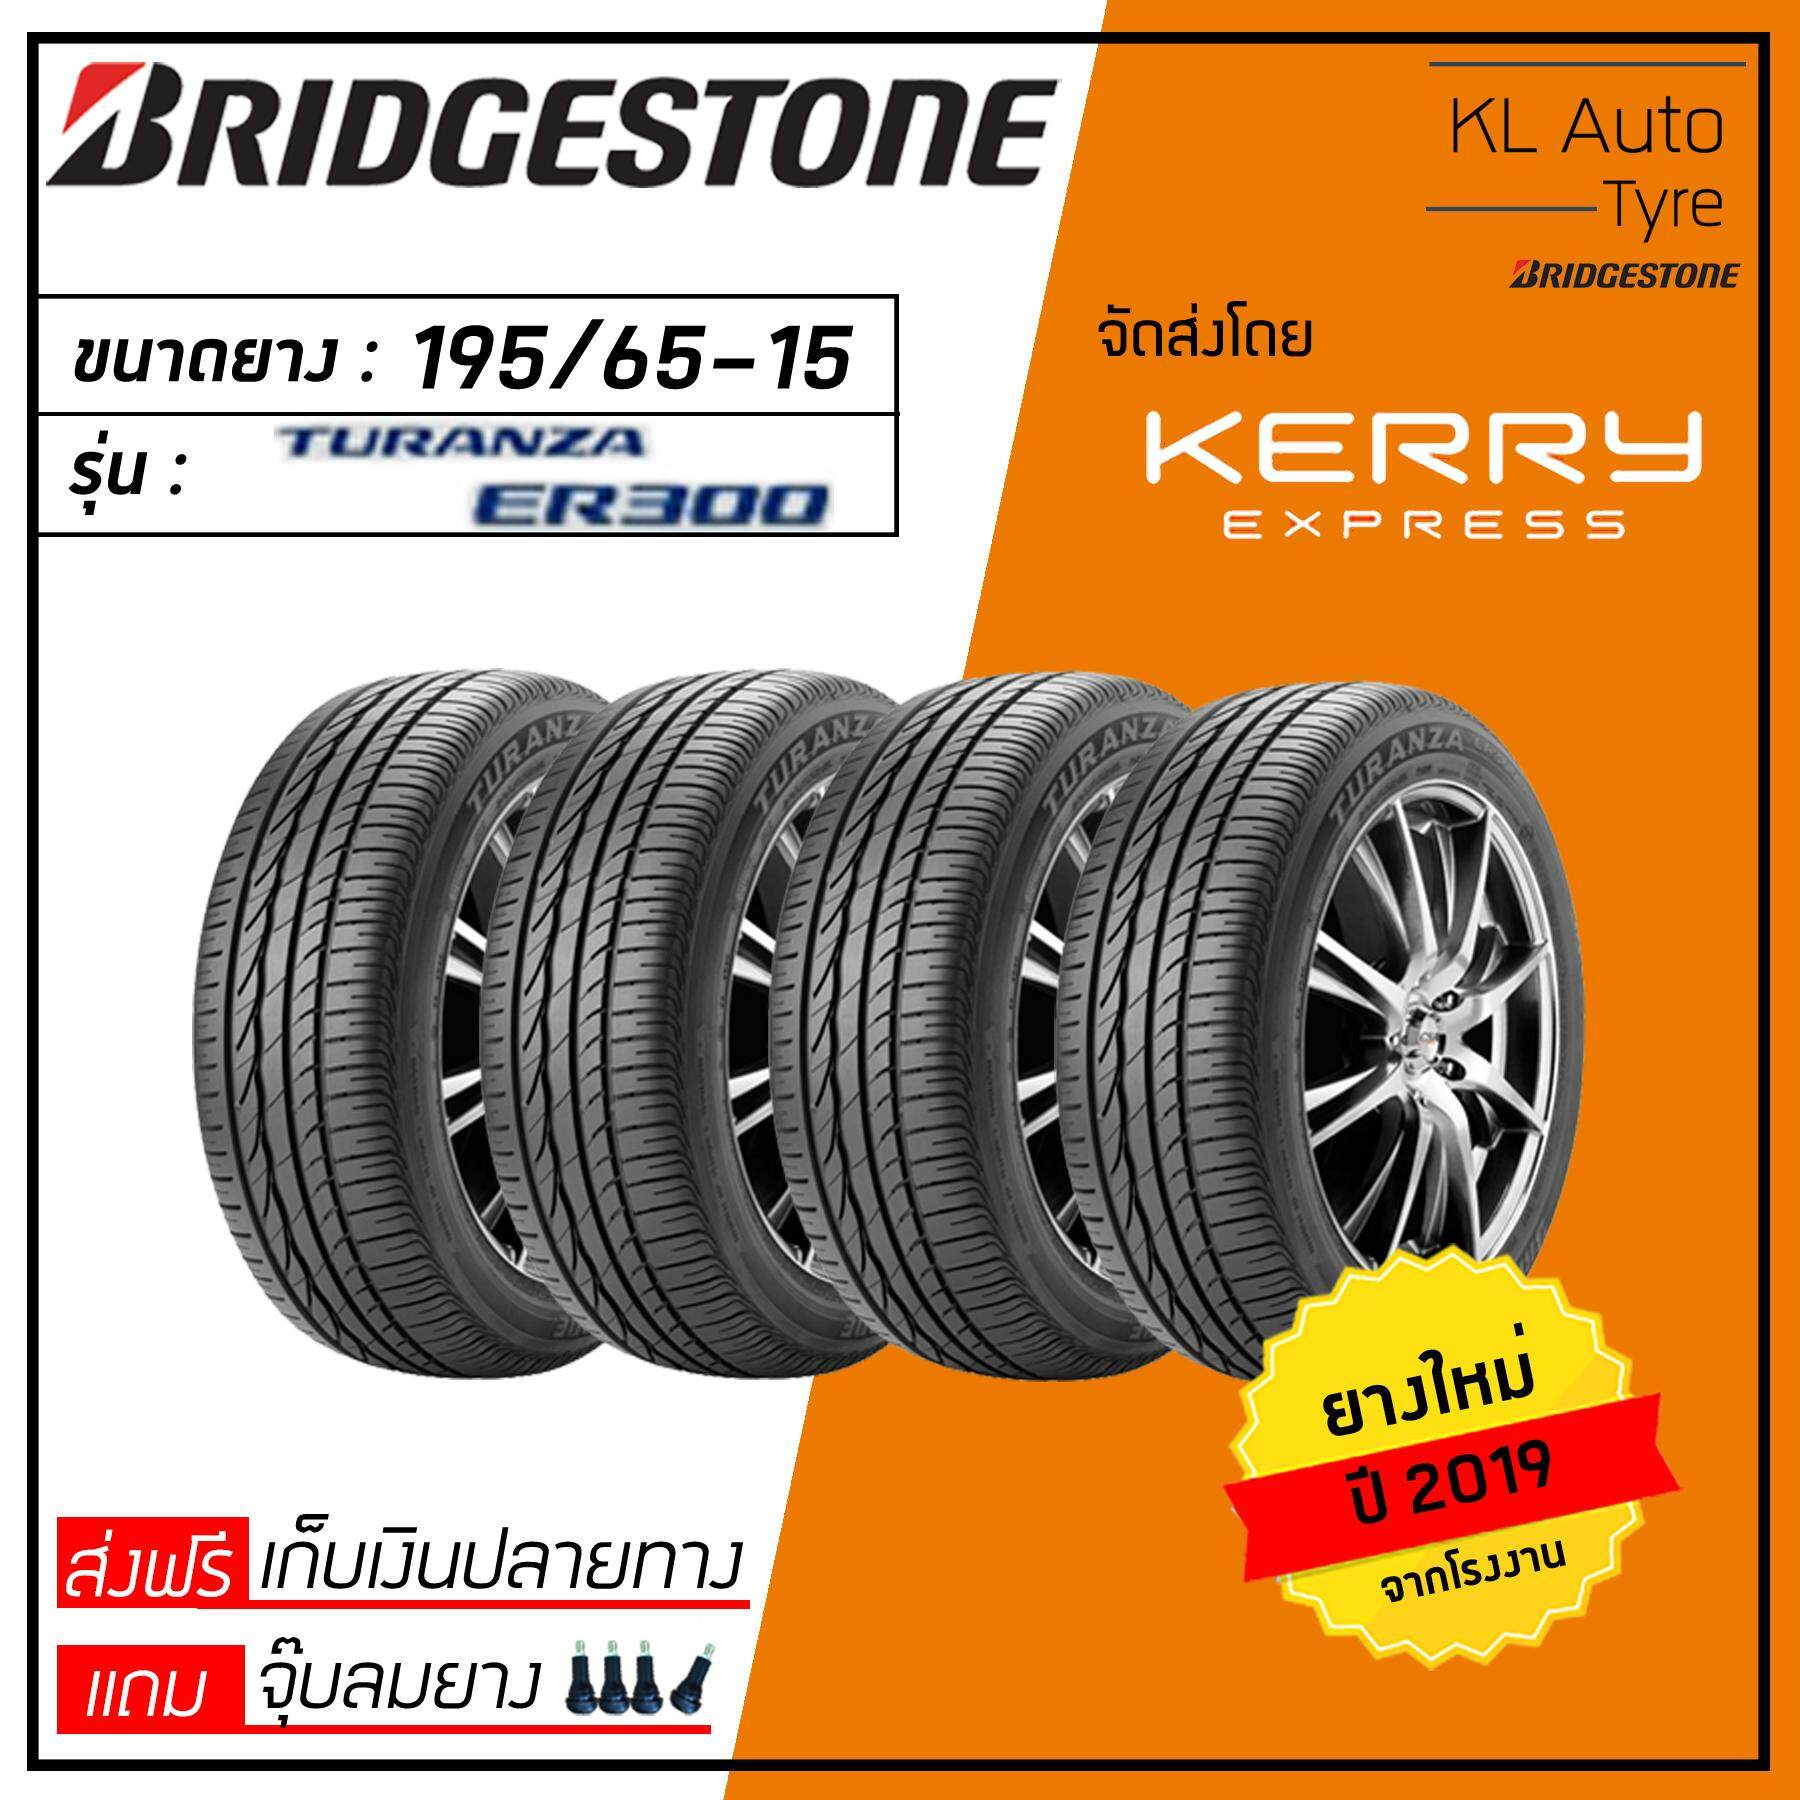 ประกันภัย รถยนต์ แบบ ผ่อน ได้ น่าน Bridgestone 195/65-15 ER300 4 เส้น ปี 19 (ฟรี จุ๊บยาง 4 ตัว มูลค่า 200 บาท)